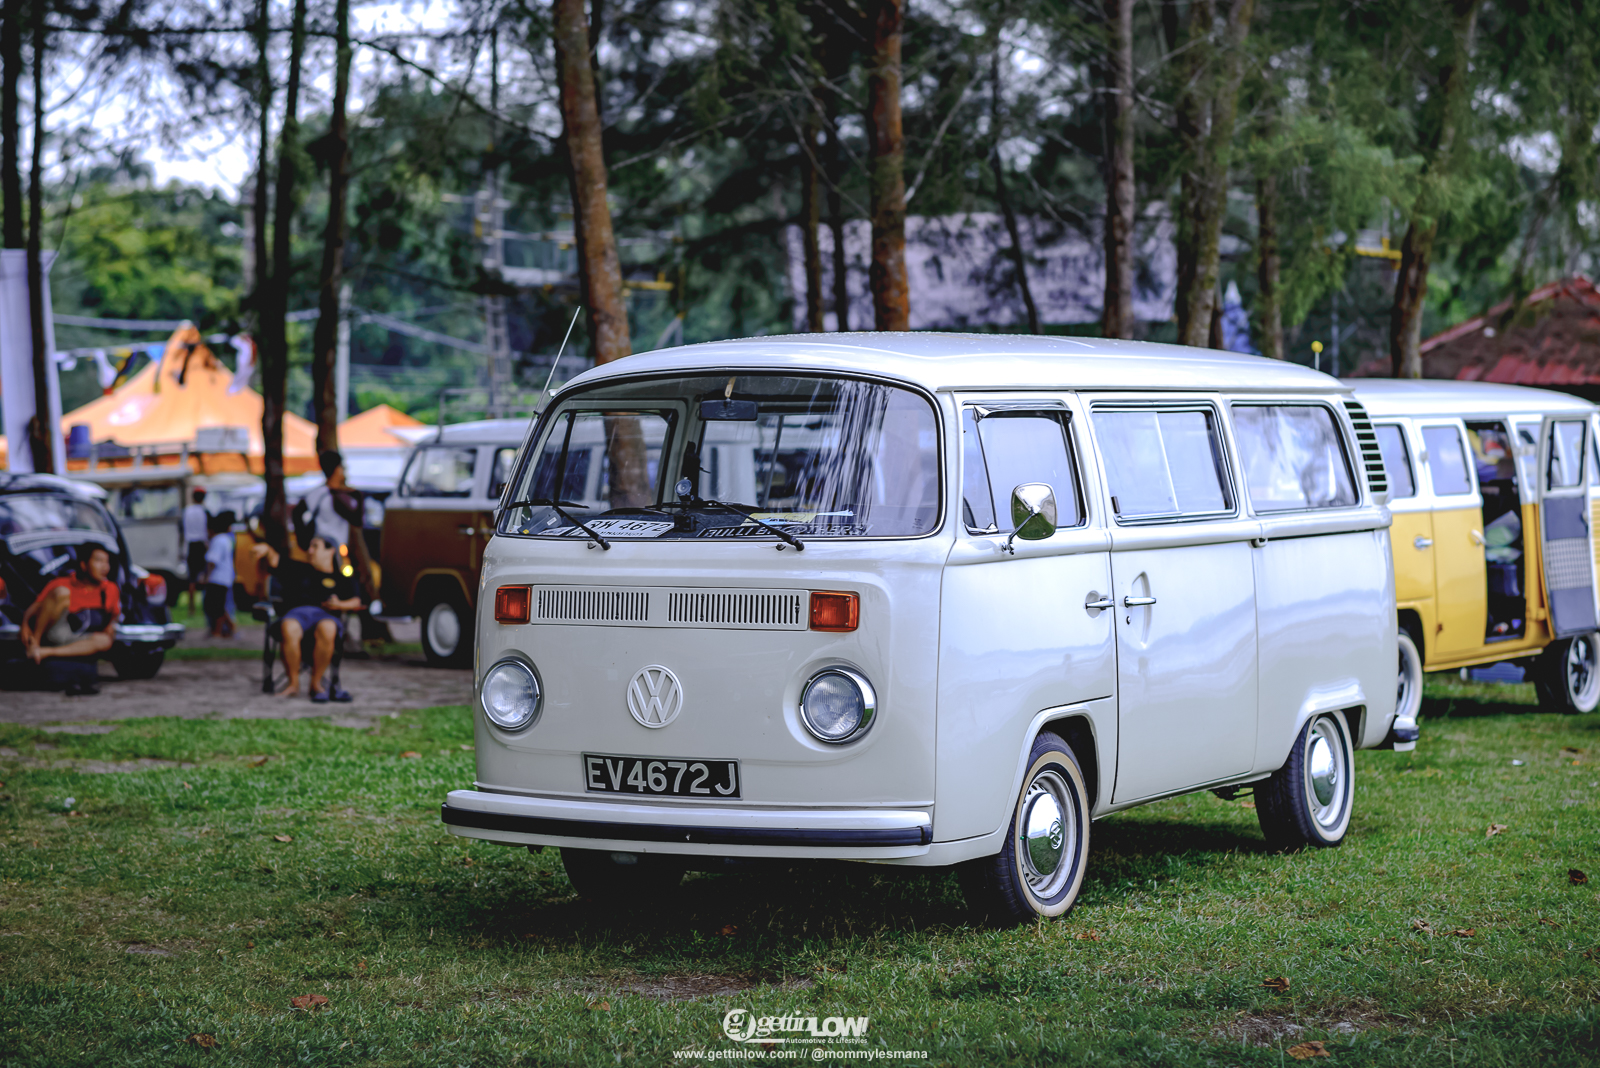 Johor VW Swap Meet Camp 2018